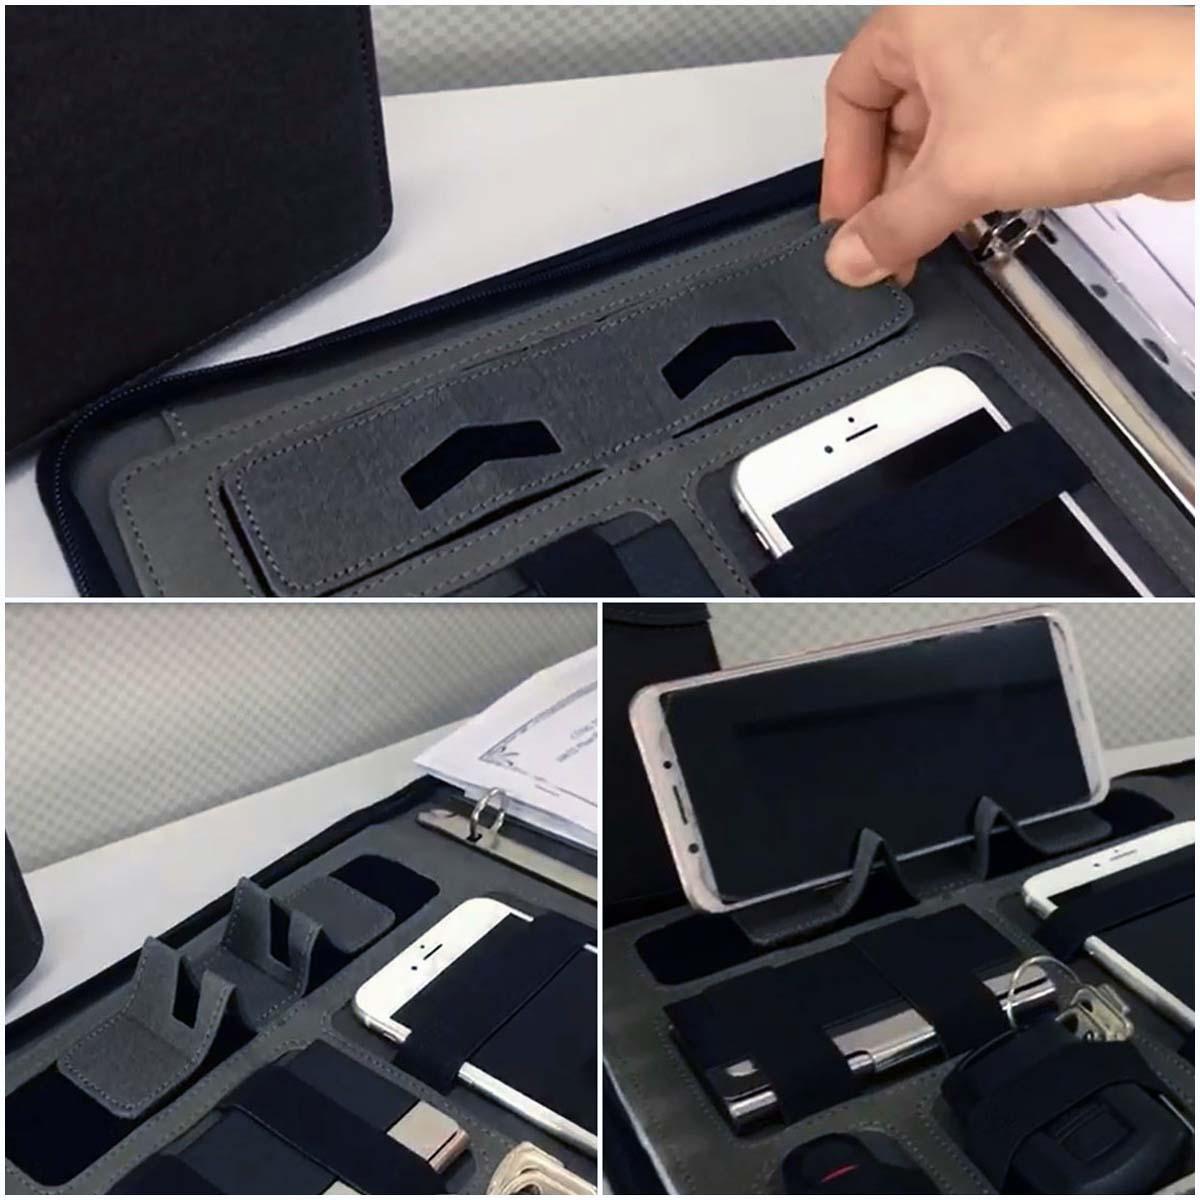 Phần giá đỡ điện thoại được thiết kế chắc chắn, tiện lợi cho người dùng